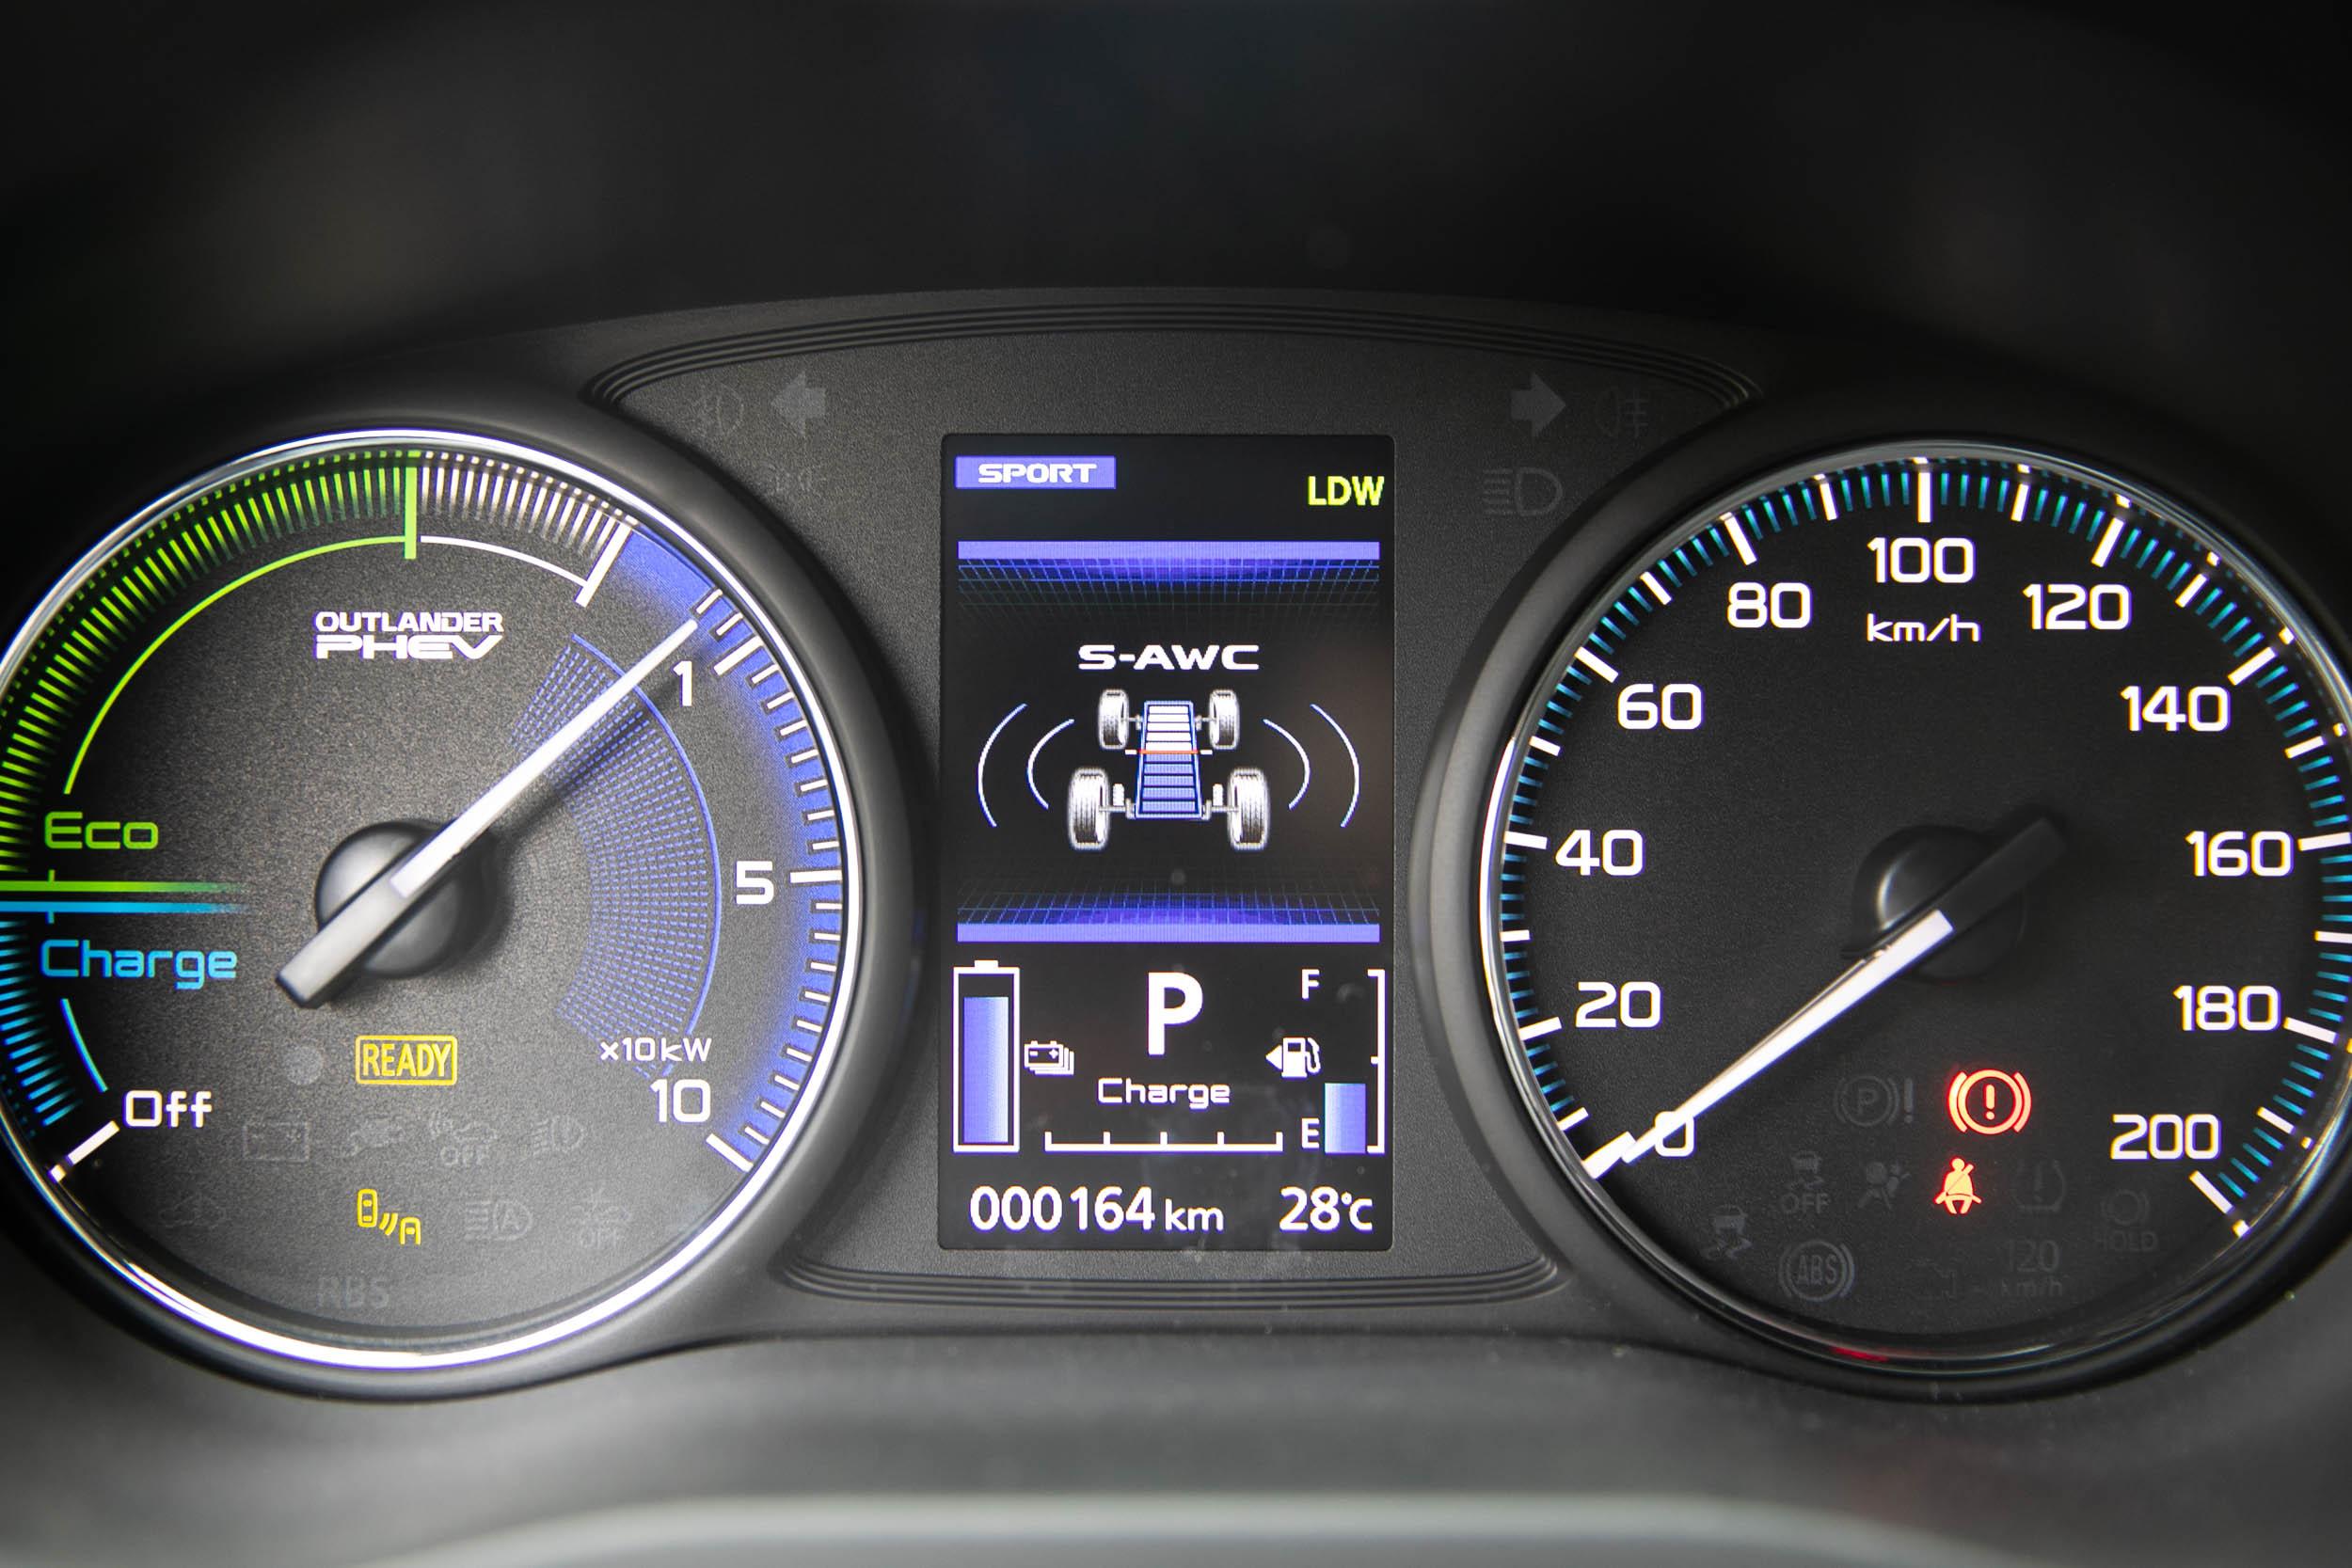 中央顯示幕提供多樣的行車模式與資訊顯示。